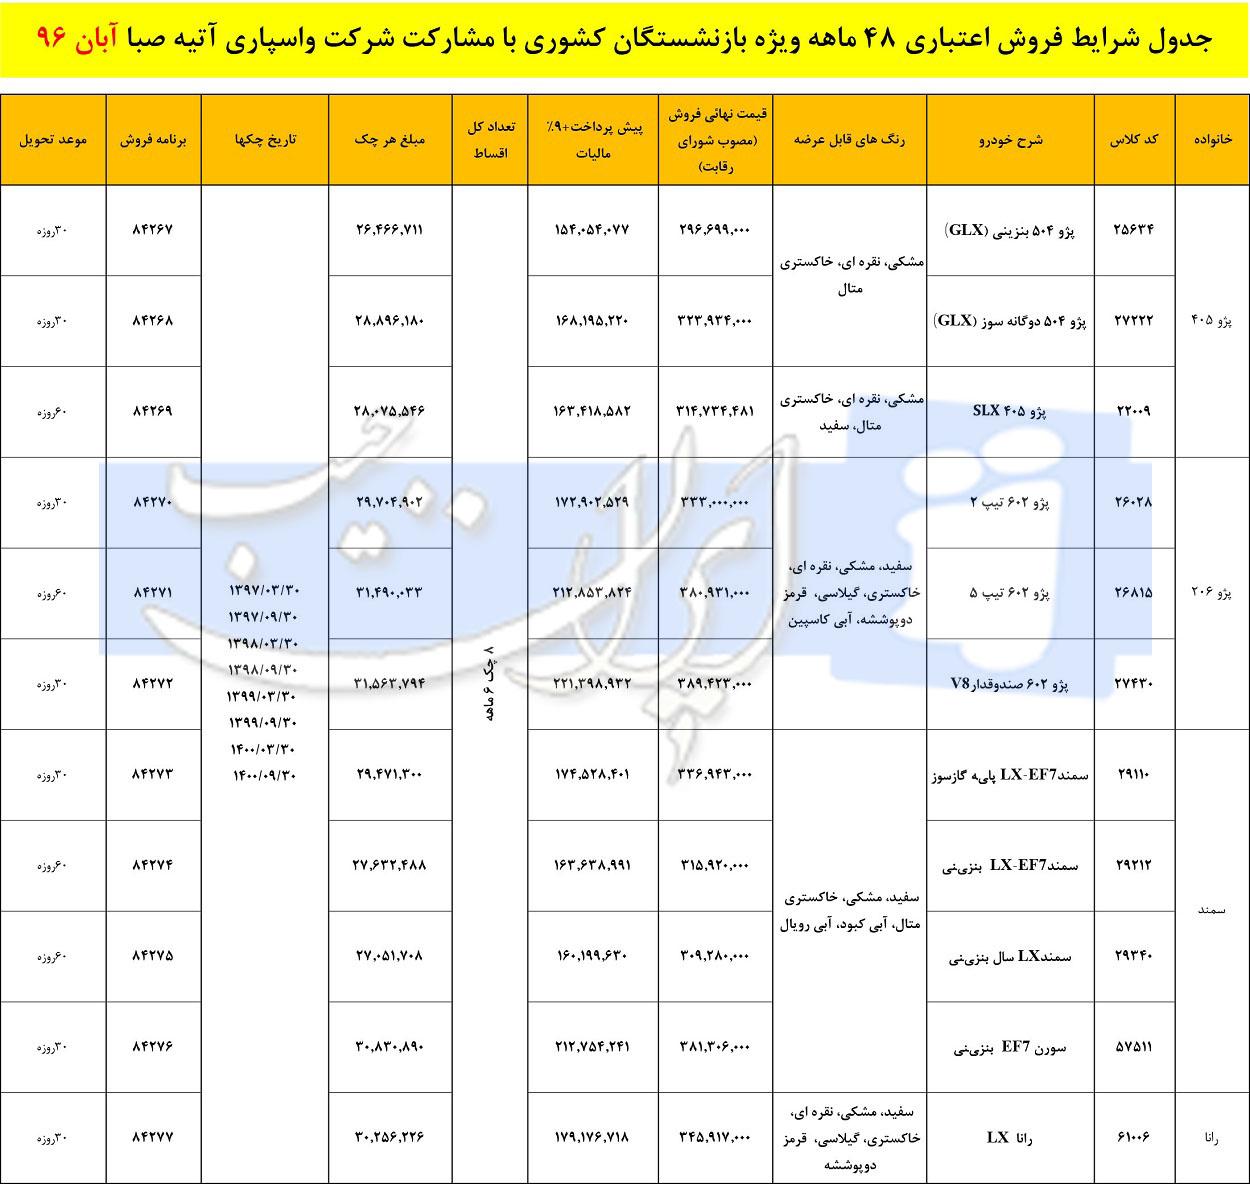 شرایط جدید فروش اقساطی محصولات ایران خودرو ویژه بازنشستگان كشوری - آبان 96